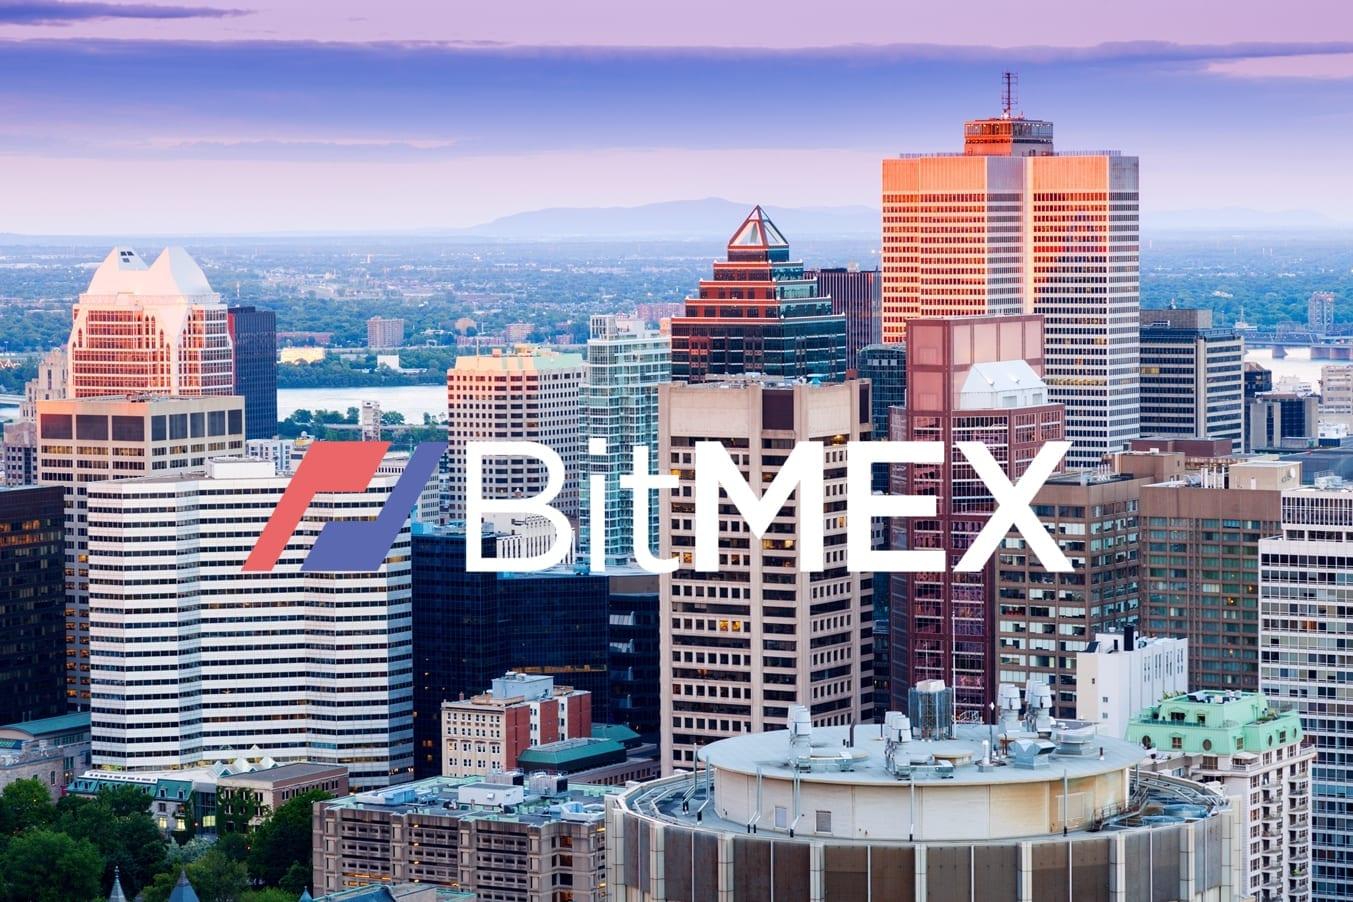 La plateforme d'échange de contrats à terme sur cryptomonnaie BitMEX a publié plus tôt aujourd'hui un avis spécifique pour les résidents du Québec, leur demandant de fermer leurs positions et de retirer leurs fonds.